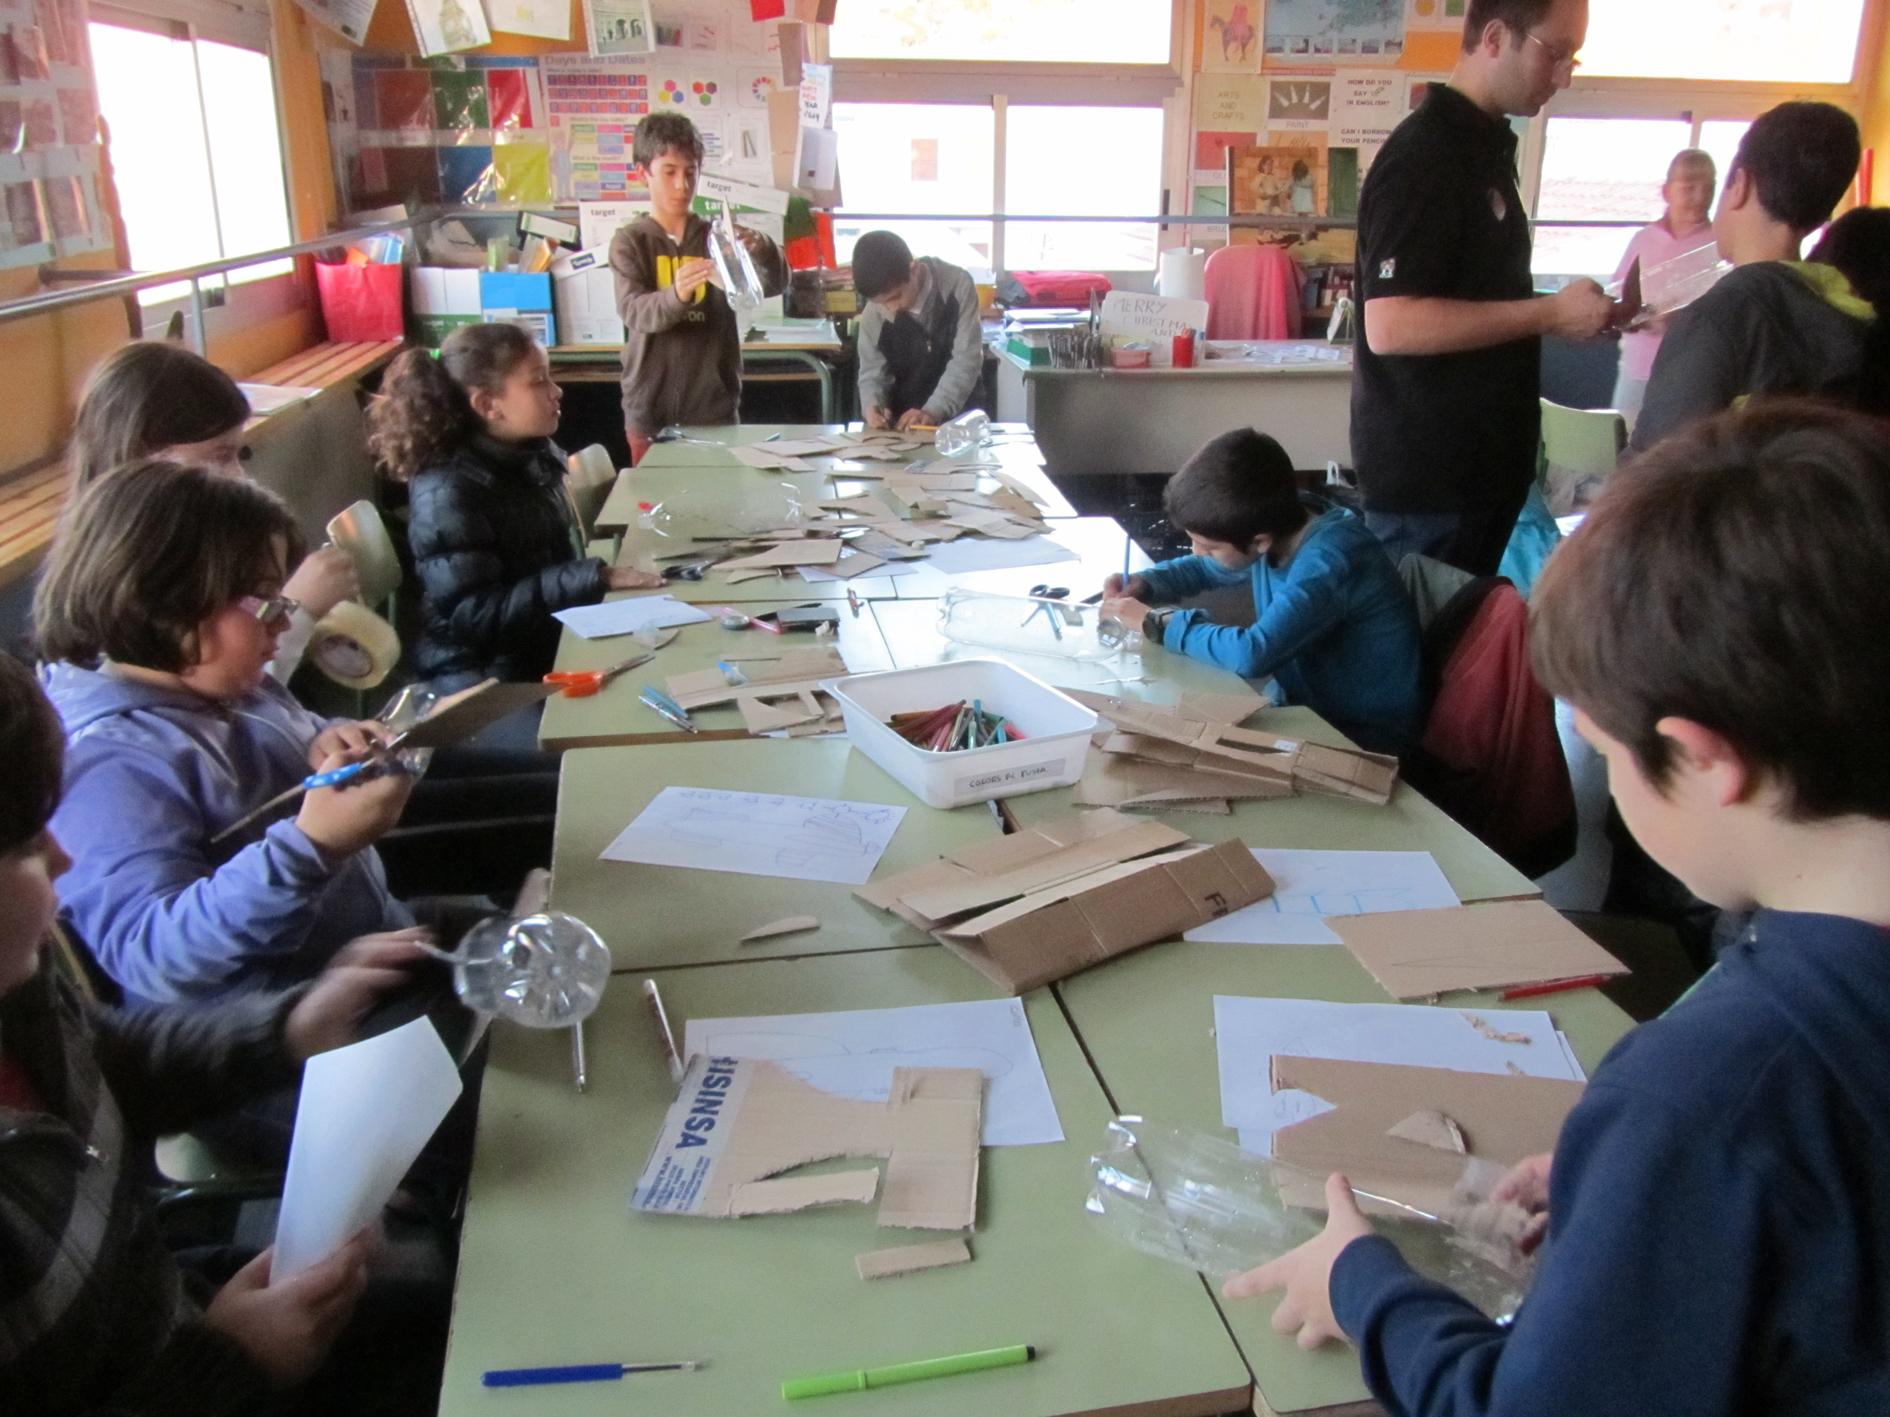 L'Ajuntament de Roses ofereix una vintena d'experiències educatives per aprendre jugant